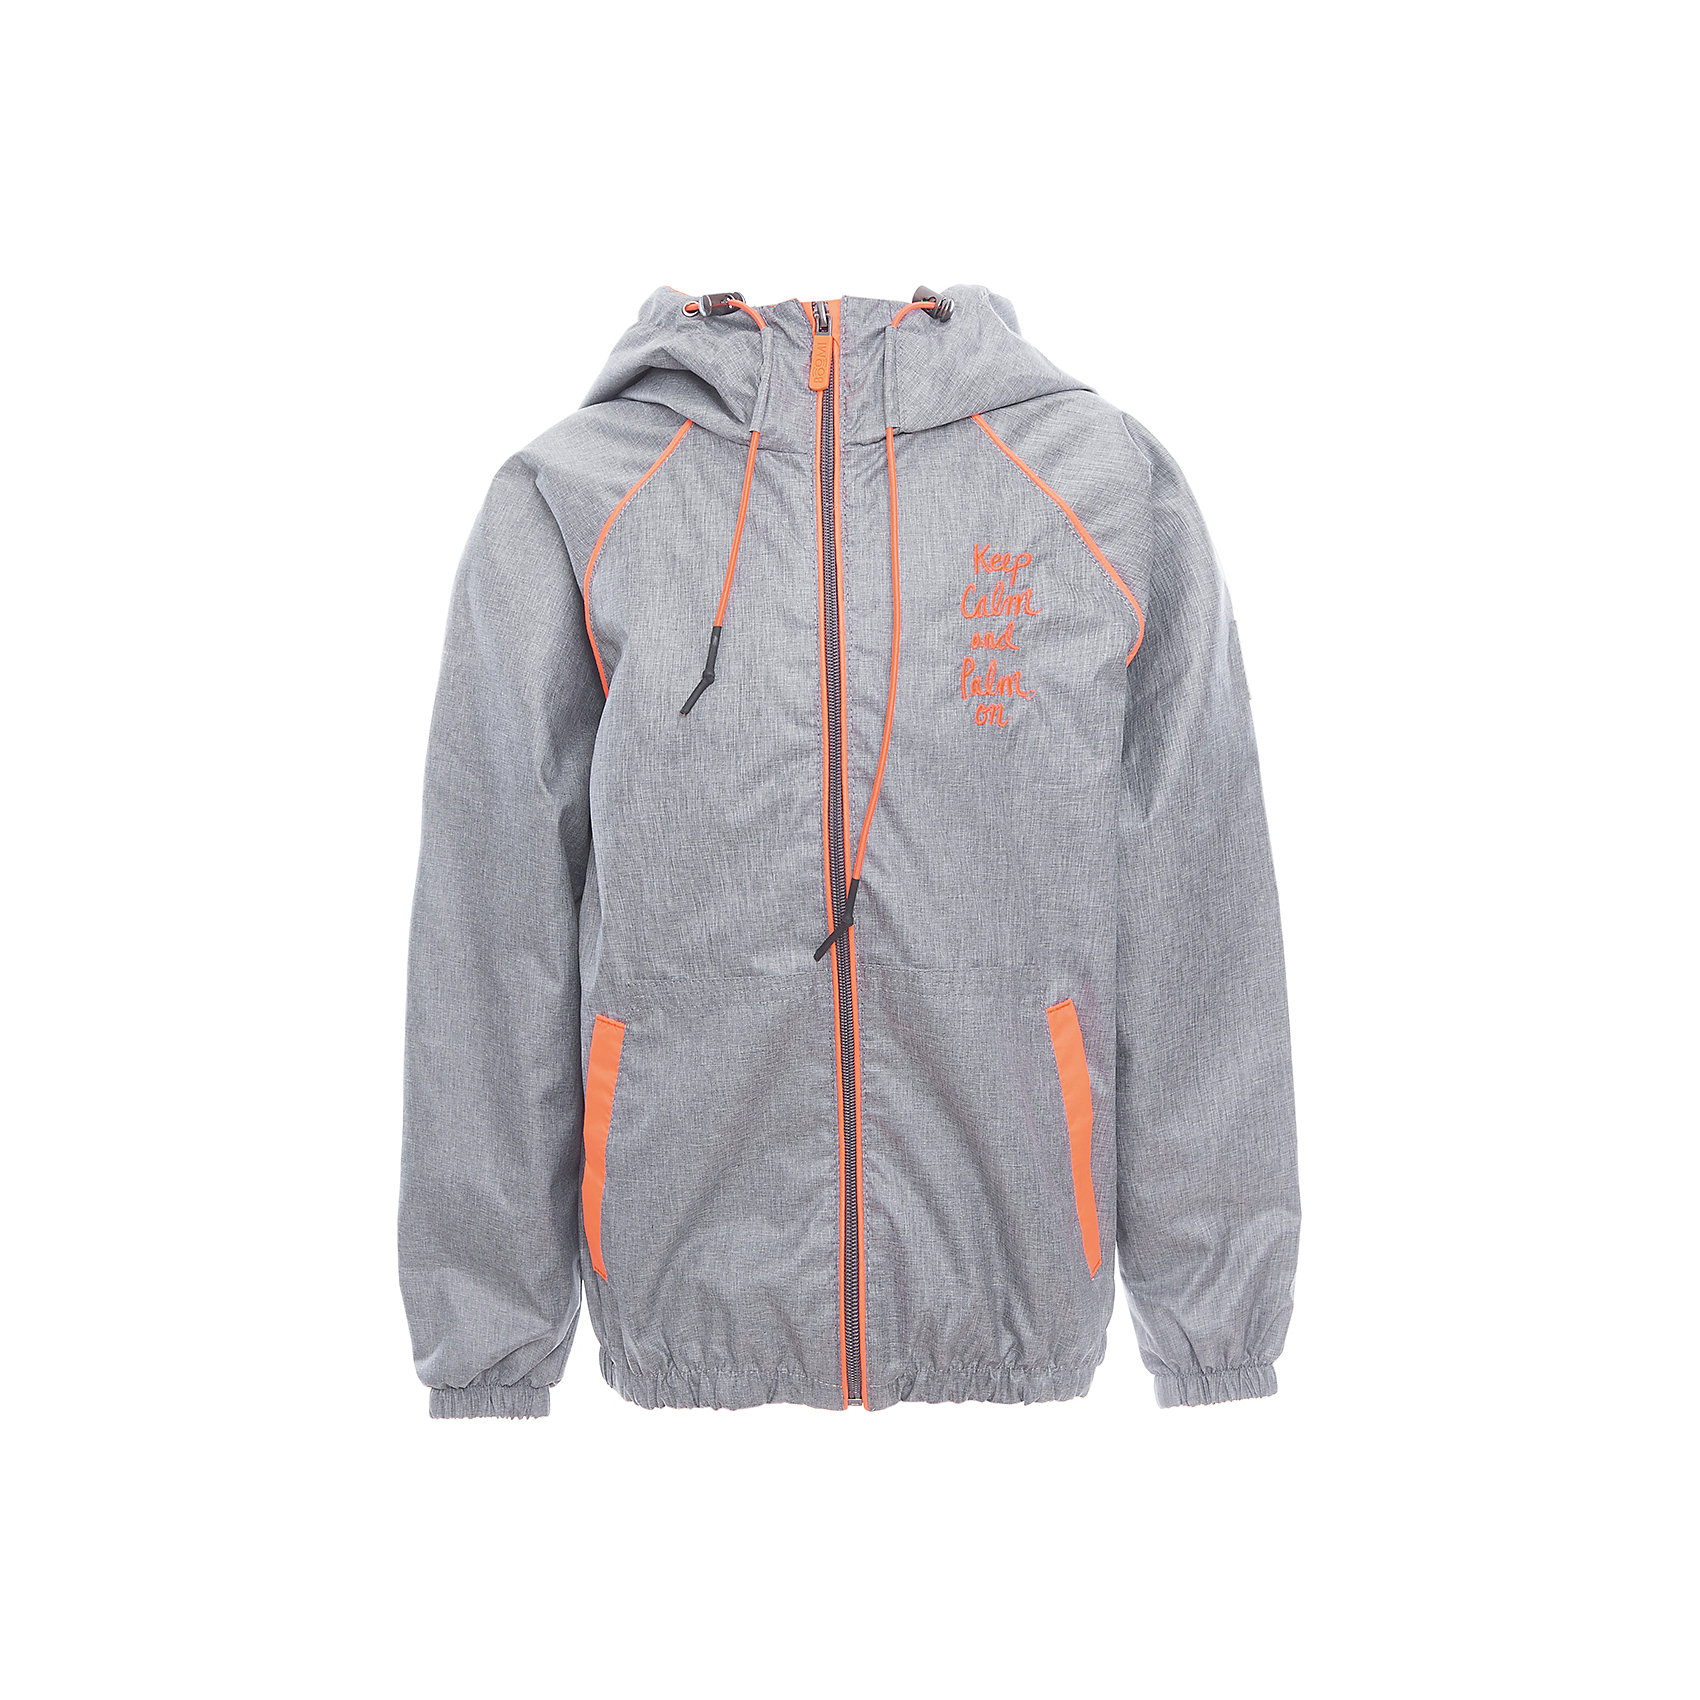 Куртка для мальчика BOOM by OrbyВерхняя одежда<br>Характеристики товара:<br><br>• цвет: серый<br>• состав: верх - таффета, подкладка - поликоттон, полиэстер, без утеплителя<br>• температурный режим: от +10° до +20°С<br>• карманы<br>• застежка - молния<br>• капюшон с утяжкой<br>• украшена принтом<br>• эластичные манжеты<br>• комфортная посадка<br>• страна производства: Российская Федерация<br>• страна бренда: Российская Федерация<br>• коллекция: весна-лето 2017<br><br>Легкая куртка - универсальный вариант и для прохладного летнего вечера, и для теплого межсезонья. Эта модель - модная и удобная одновременно! Изделие отличается стильным ярким дизайном. Куртка хорошо сидит по фигуре, отлично сочетается с различным низом. Вещь была разработана специально для детей.<br><br>Куртку для мальчика от бренда BOOM by Orby можно купить в нашем интернет-магазине.<br><br>Ширина мм: 356<br>Глубина мм: 10<br>Высота мм: 245<br>Вес г: 519<br>Цвет: серый<br>Возраст от месяцев: 36<br>Возраст до месяцев: 48<br>Пол: Мужской<br>Возраст: Детский<br>Размер: 104,140,146,152,158,86,92,98,110,116,122,128,134<br>SKU: 5343328